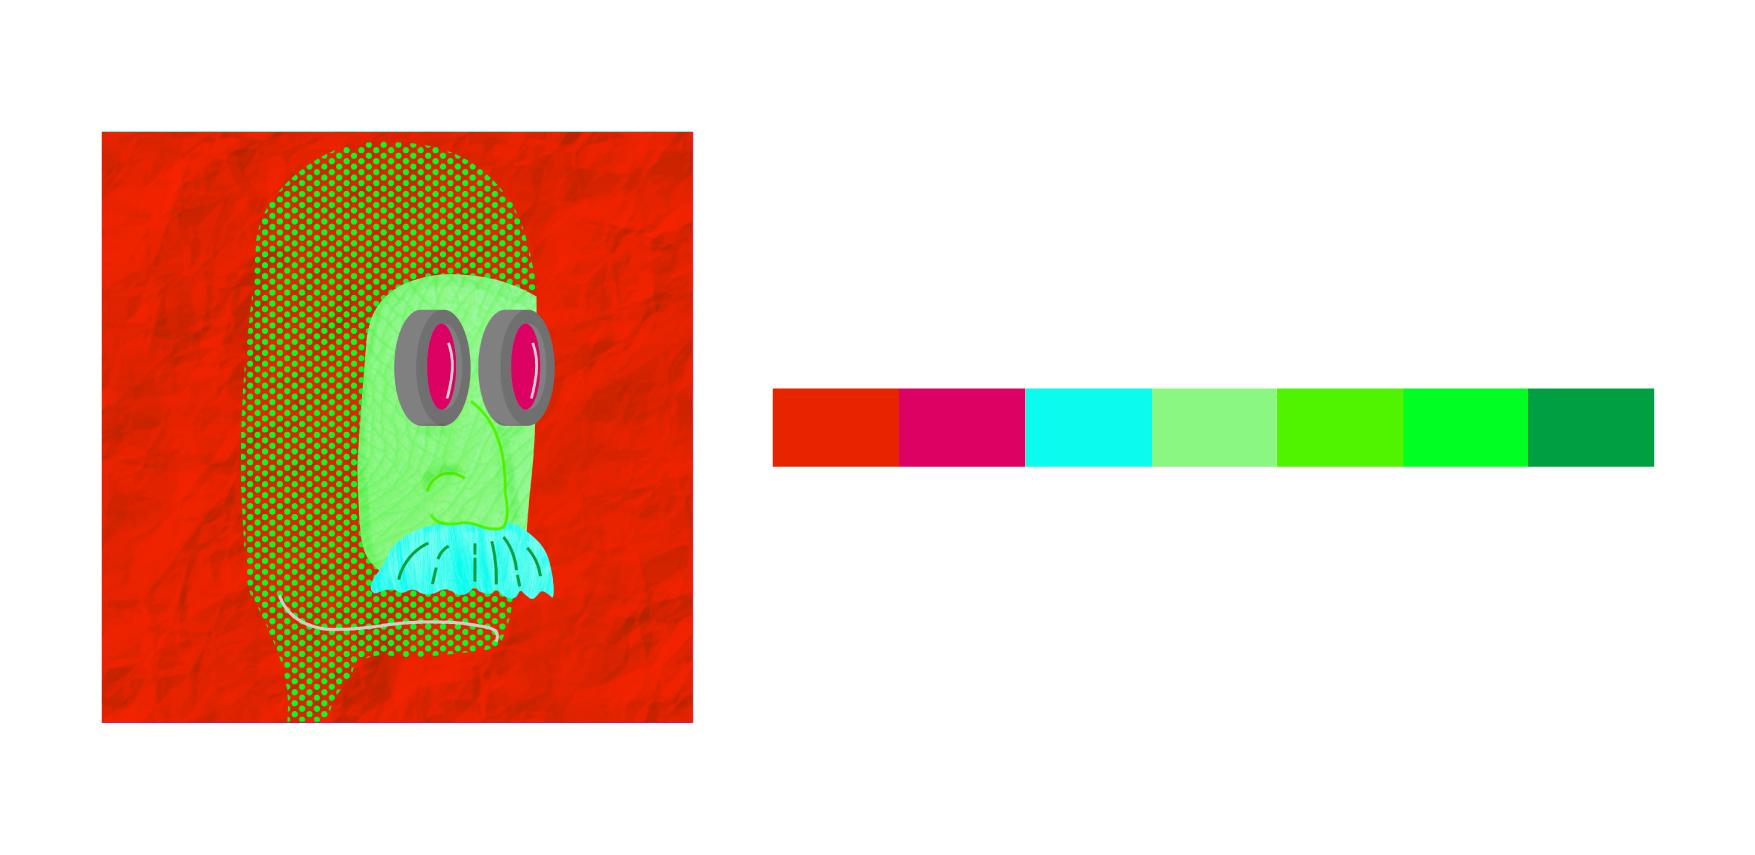 030 ARIEL VELASTEGUÍ the guy a partir de Warhol 2020-05